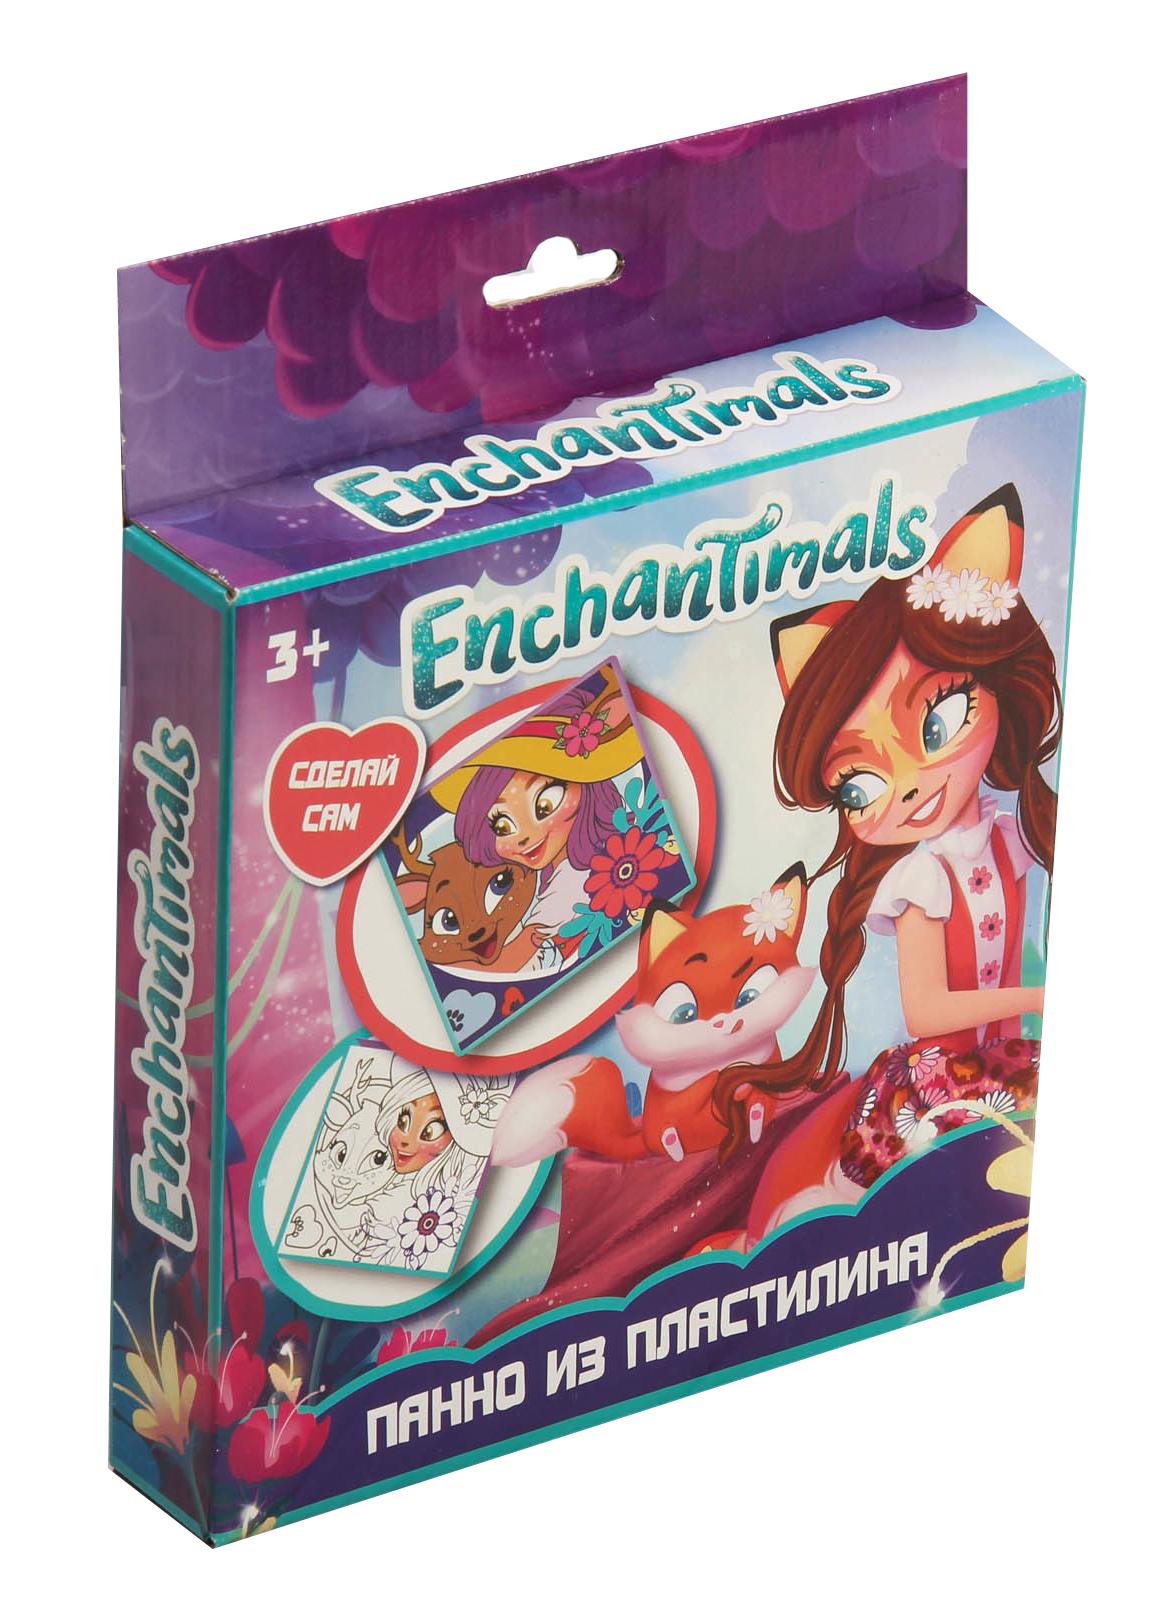 Пластилин Centrum Панно из пластилина Enchantimals «Сделай сам» 10 цв. панно из пластилина enchantimals сделай сам 10 цв